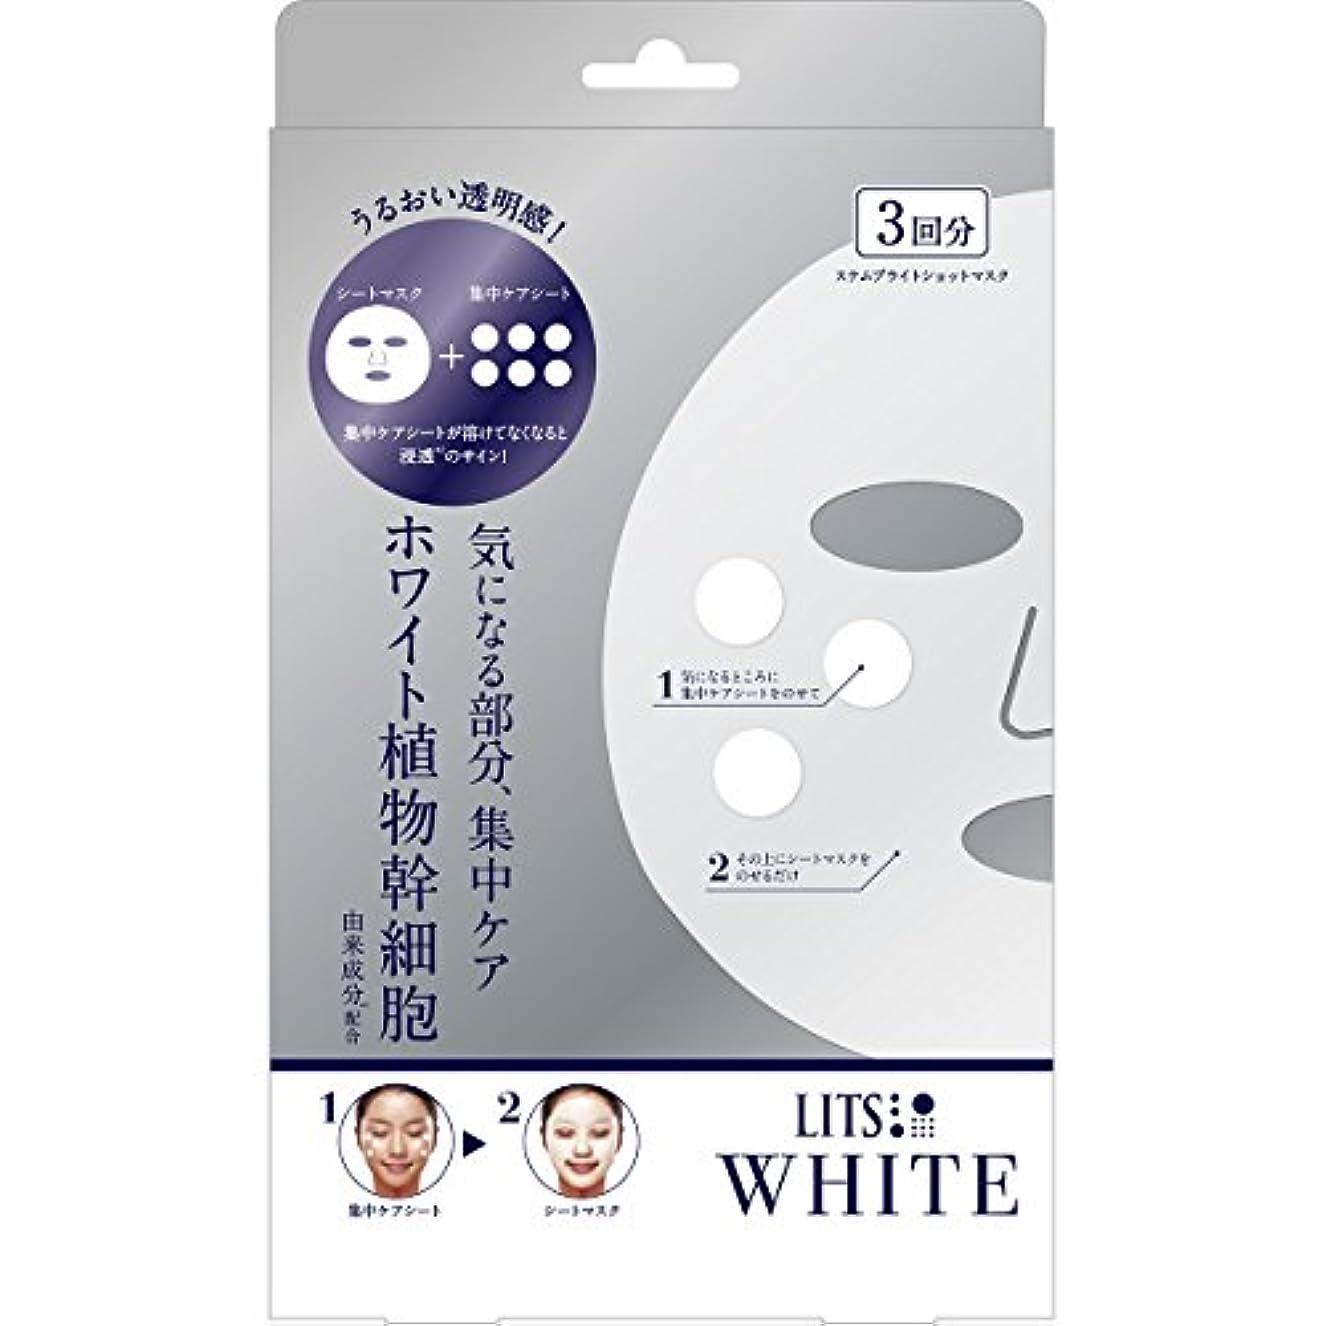 デジタル磁器折り目リッツ ホワイト ステム ブライトショット フェイスマスク 3回分